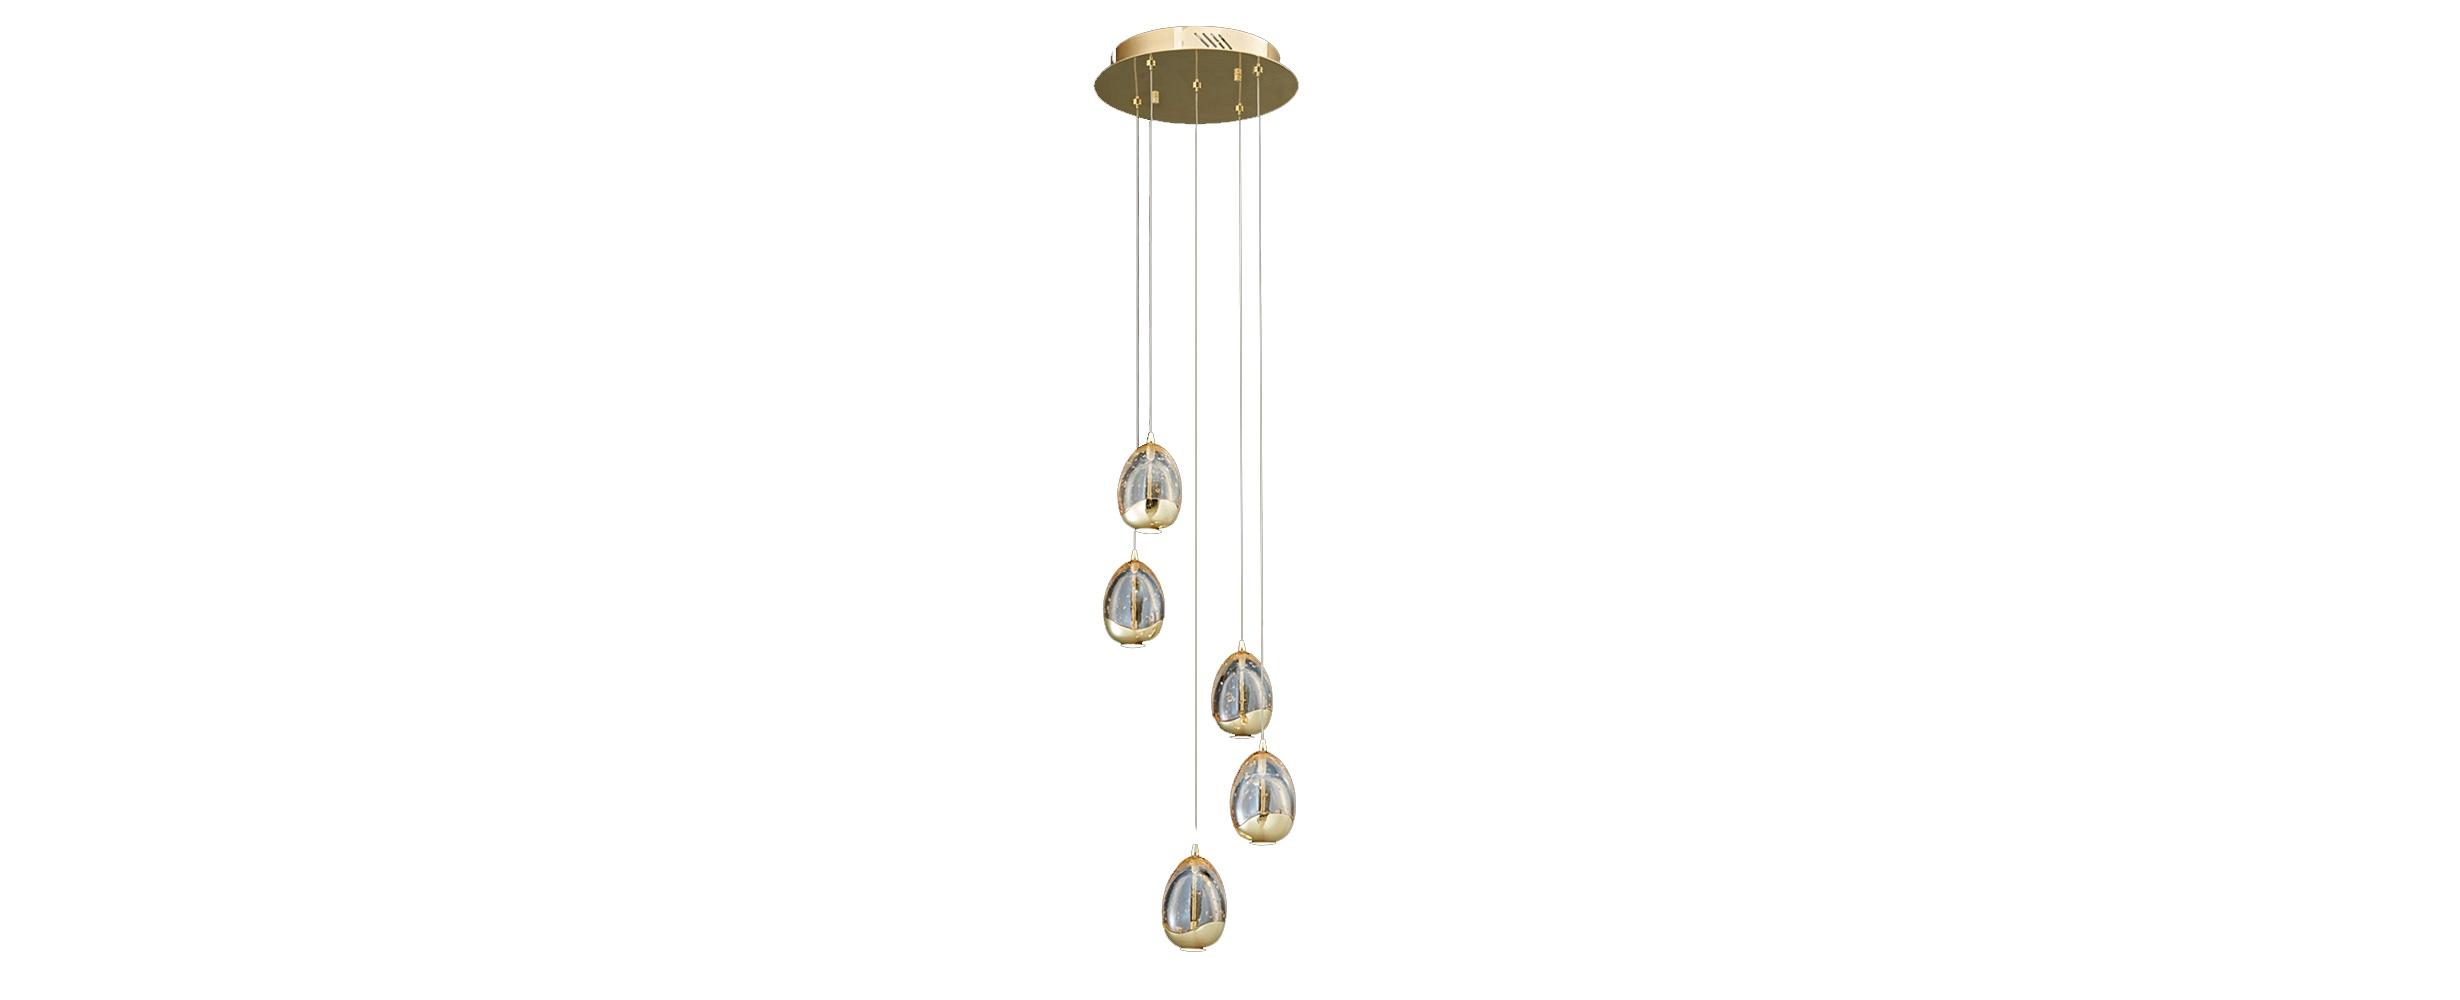 Подвесной светильник TerreneПодвесные светильники<br>Оригинальные круглые плафоны, подвешенные в шахматном порядке, создают абстрактную фигуру, в которой угадывается форма спирали. Она придает силуэту светильника элегантность и добавляет его конструкции динамизм. Несколько ламп, заключенных в объемных стеклянных элементах, мягко распространяют свет, тонущий в золотых искрах цвета шампань. Гламур и изящество, воплощенные в эклектичном дизайне такого светильника, прекрасно дополнят собой современные интерьеры.&amp;lt;div&amp;gt;&amp;lt;br&amp;gt;&amp;lt;/div&amp;gt;&amp;lt;div&amp;gt;Количество лампочек: 5.&amp;lt;/div&amp;gt;&amp;lt;div&amp;gt;Мощность: 5 x 24 Вт.&amp;lt;/div&amp;gt;&amp;lt;div&amp;gt;Тип лампы: LED.&amp;lt;/div&amp;gt;<br><br>Material: Стекло<br>Width см: 30<br>Depth см: 30<br>Height см: 150